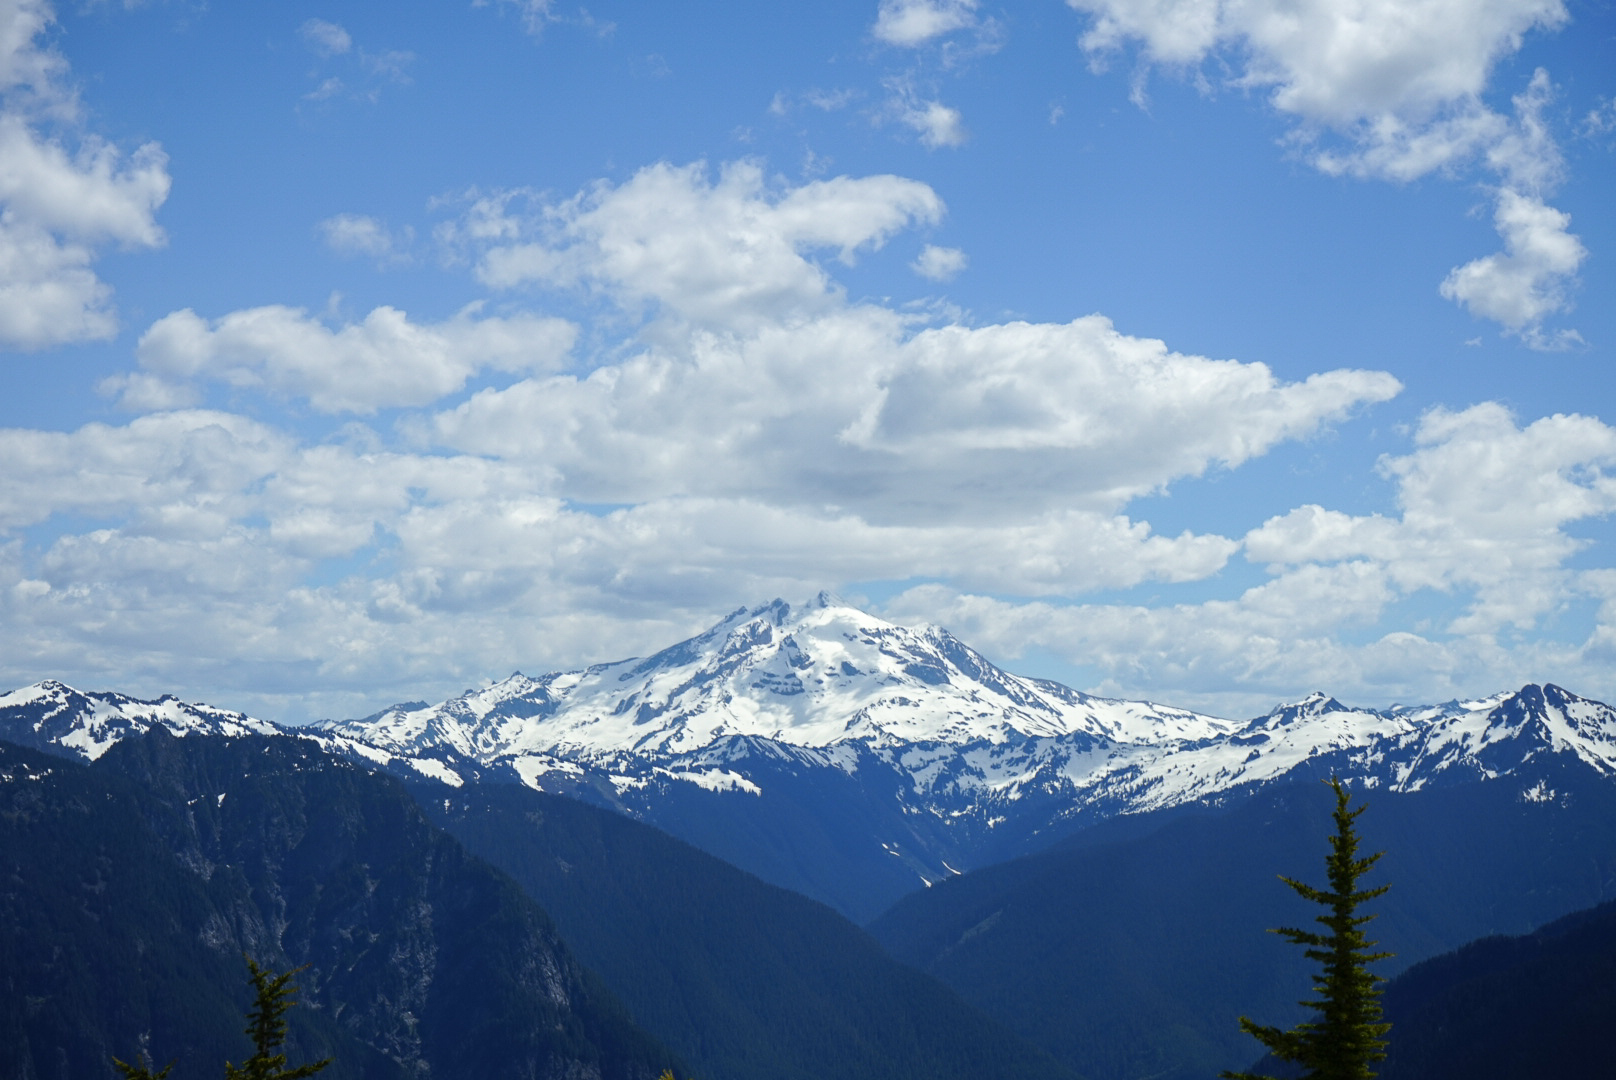 Glacier Peak